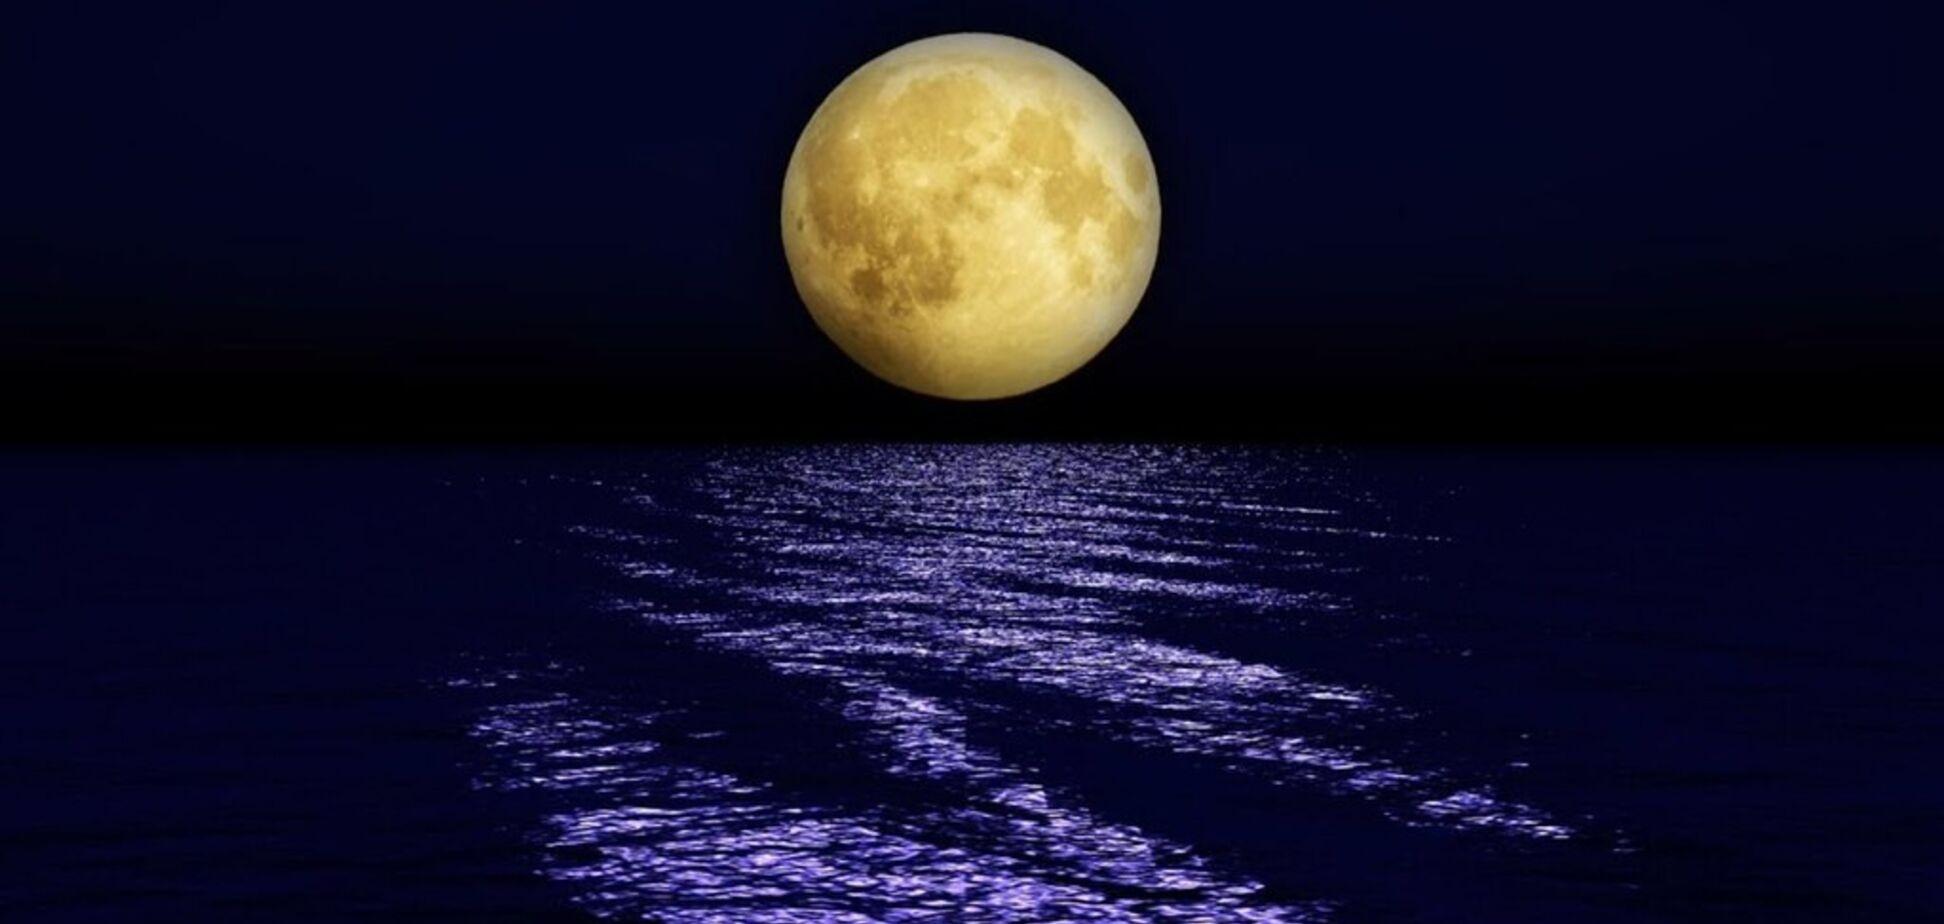 Лунный календарь на январь: советы на каждый день месяца